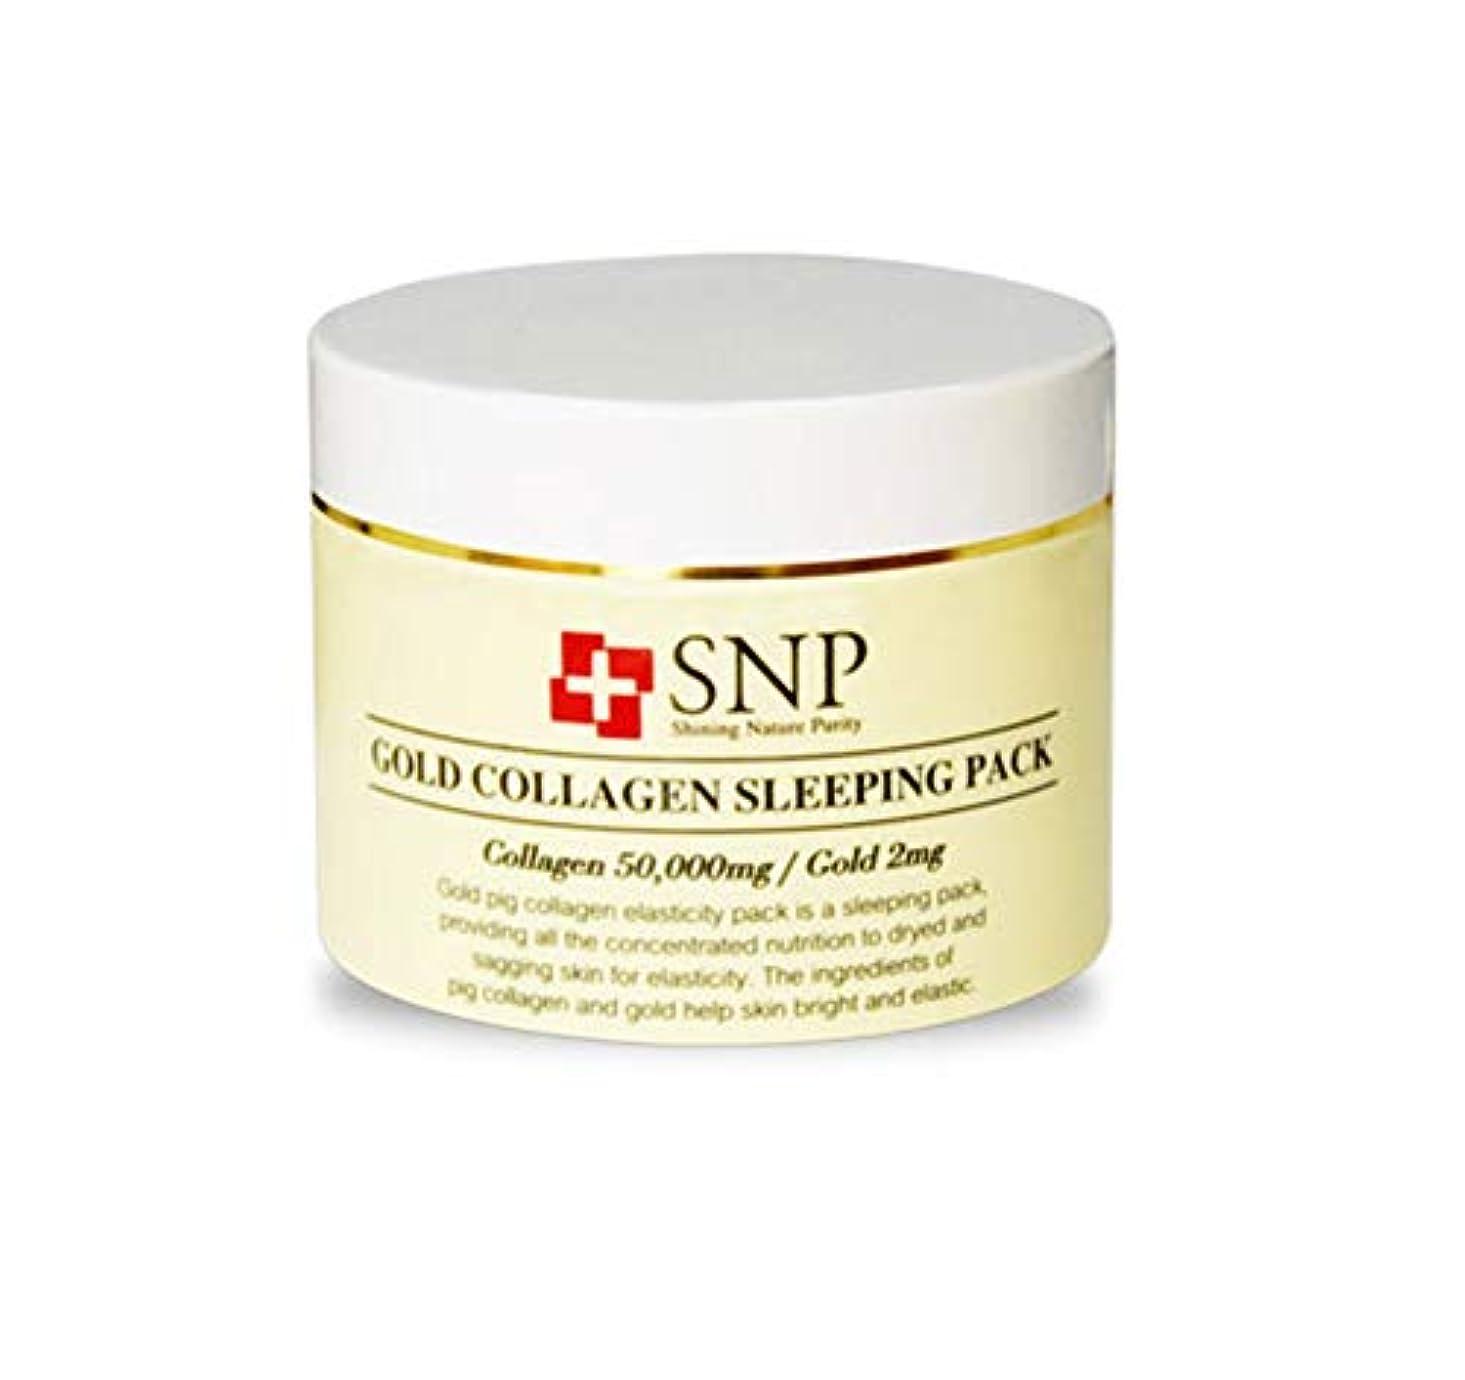 かもしれないロケット文エスエンピSNP 韓国コスメ ゴールドコラーゲンスリーピングパック睡眠パック100g 海外直送品 SNP Gold Collagen Sleeping Pack Night Cream [並行輸入品]